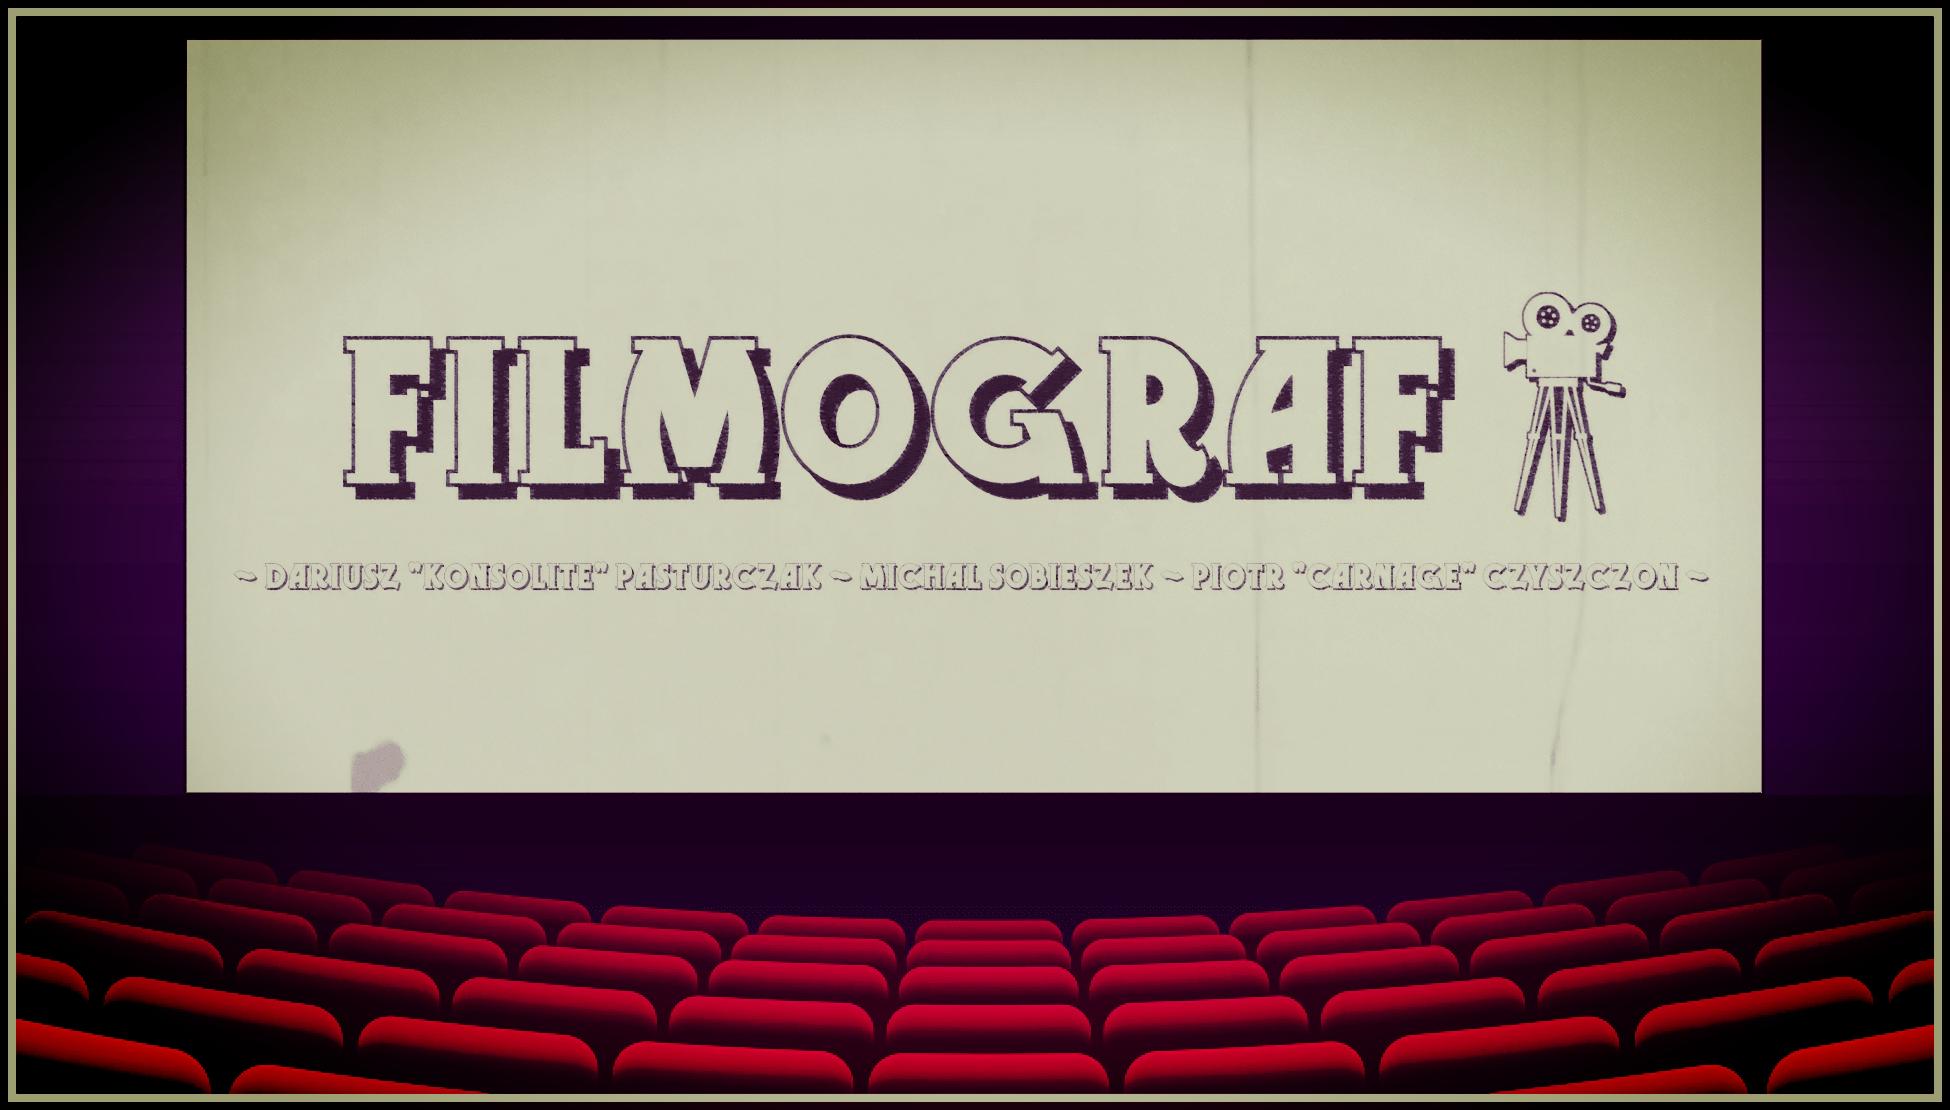 Filmograf #1 - Rozczarowani